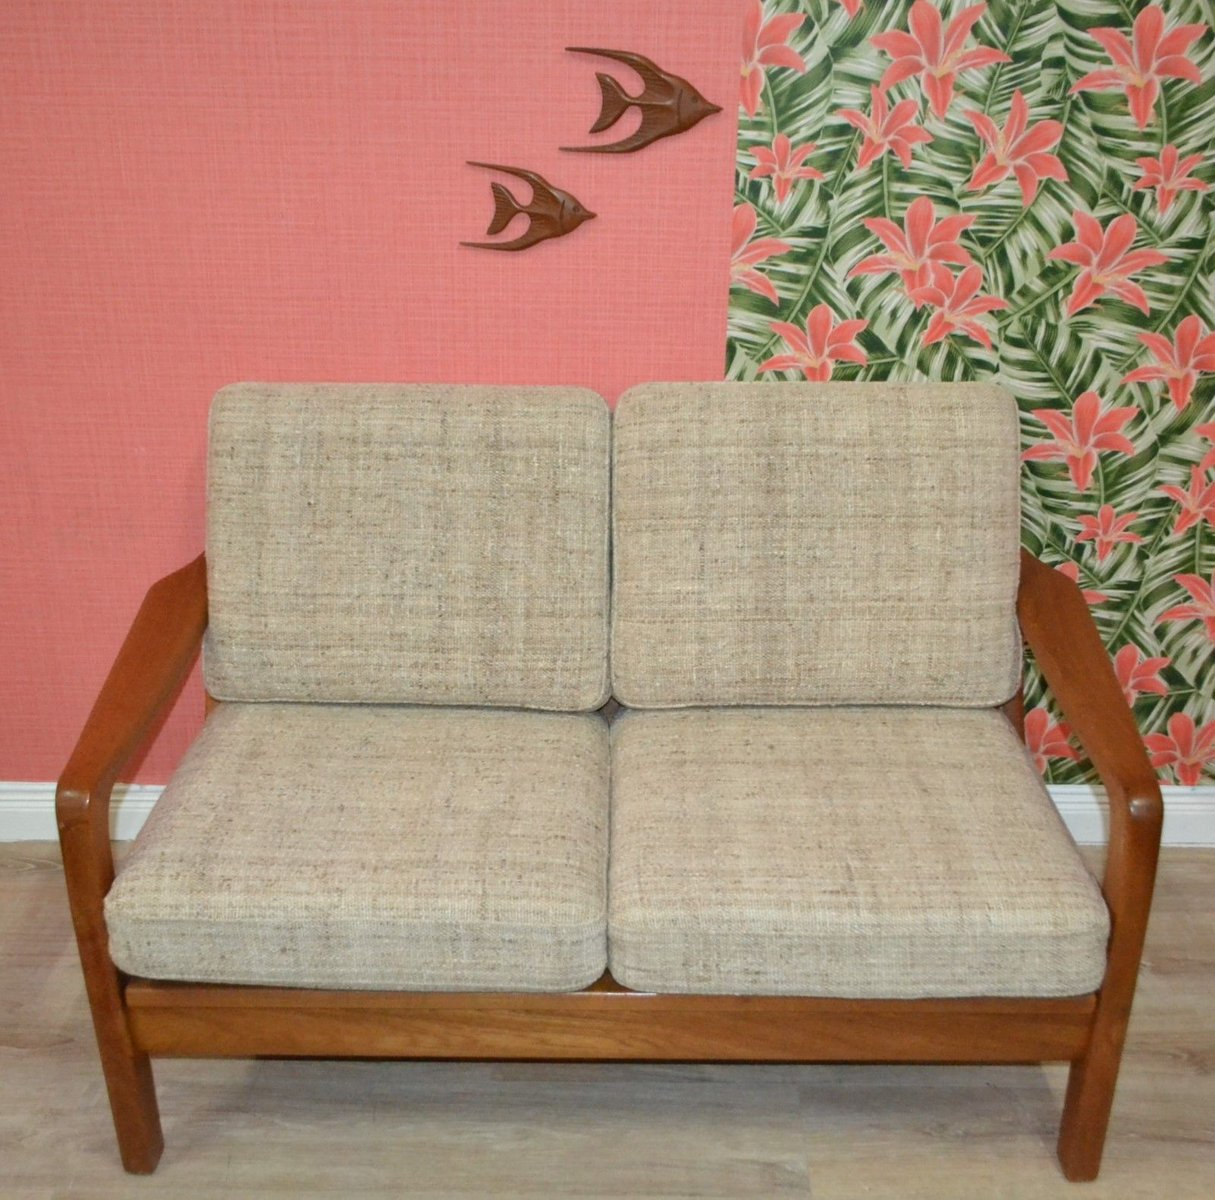 2-Sitzer Sofa aus Teak von Juul Kristensen für JK Denmark, 1960er